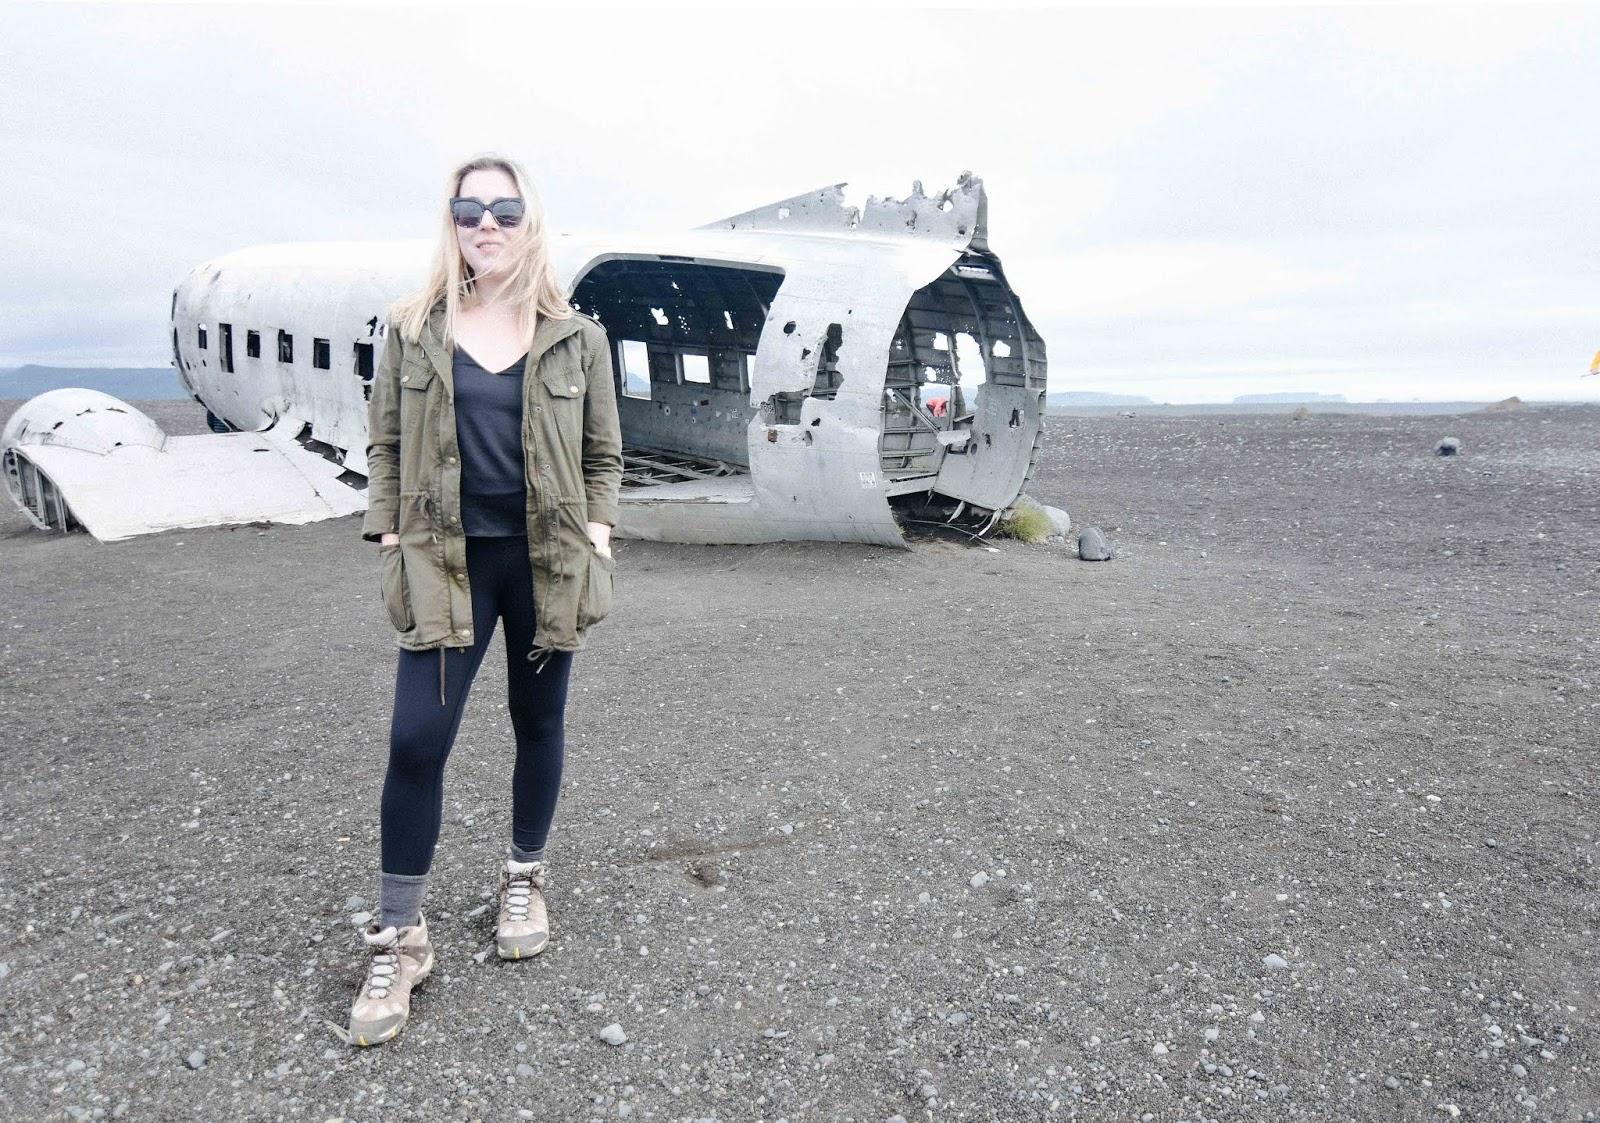 DC3 plane wreck in Sólheimasandur iceland travel blog